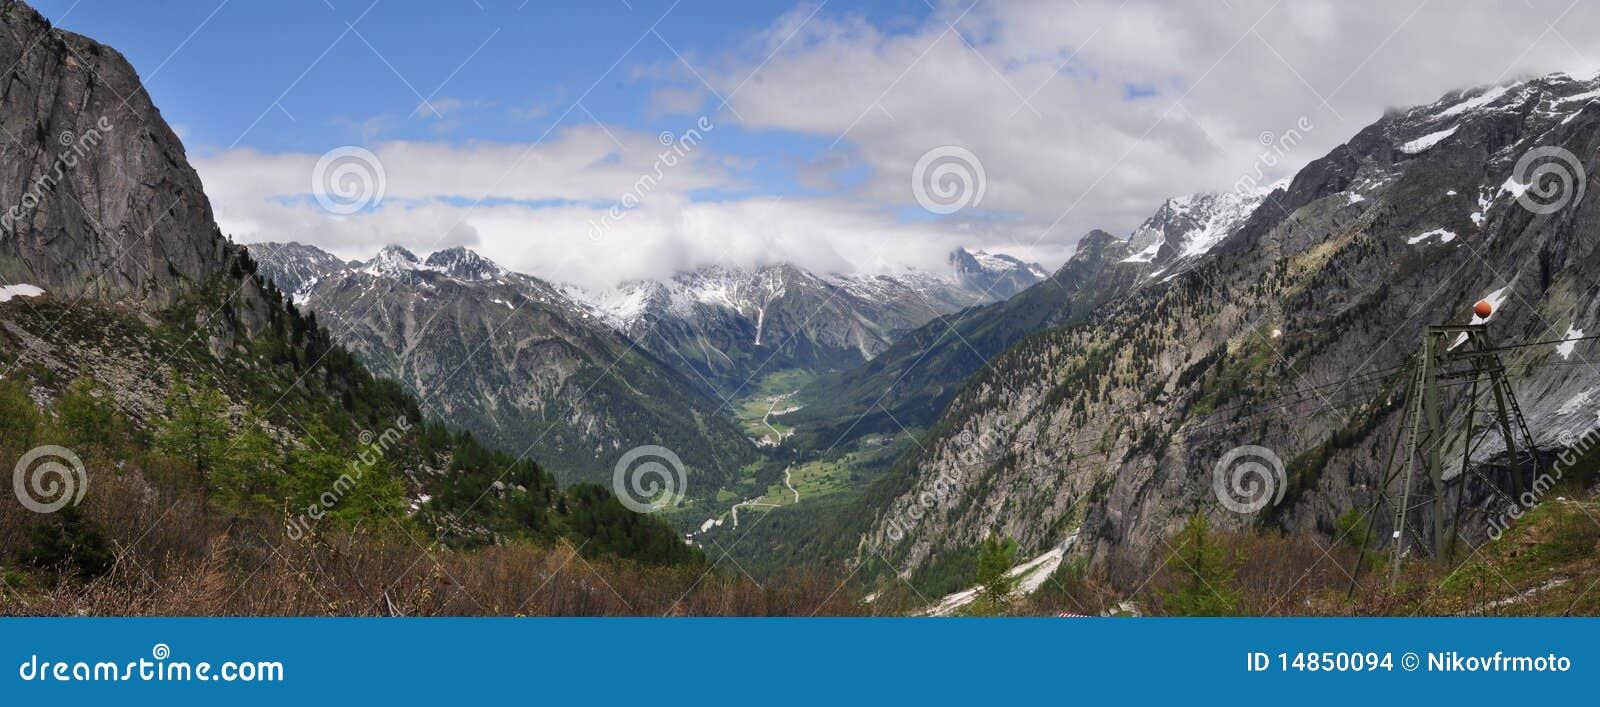 Panorama of Val Bregaglia